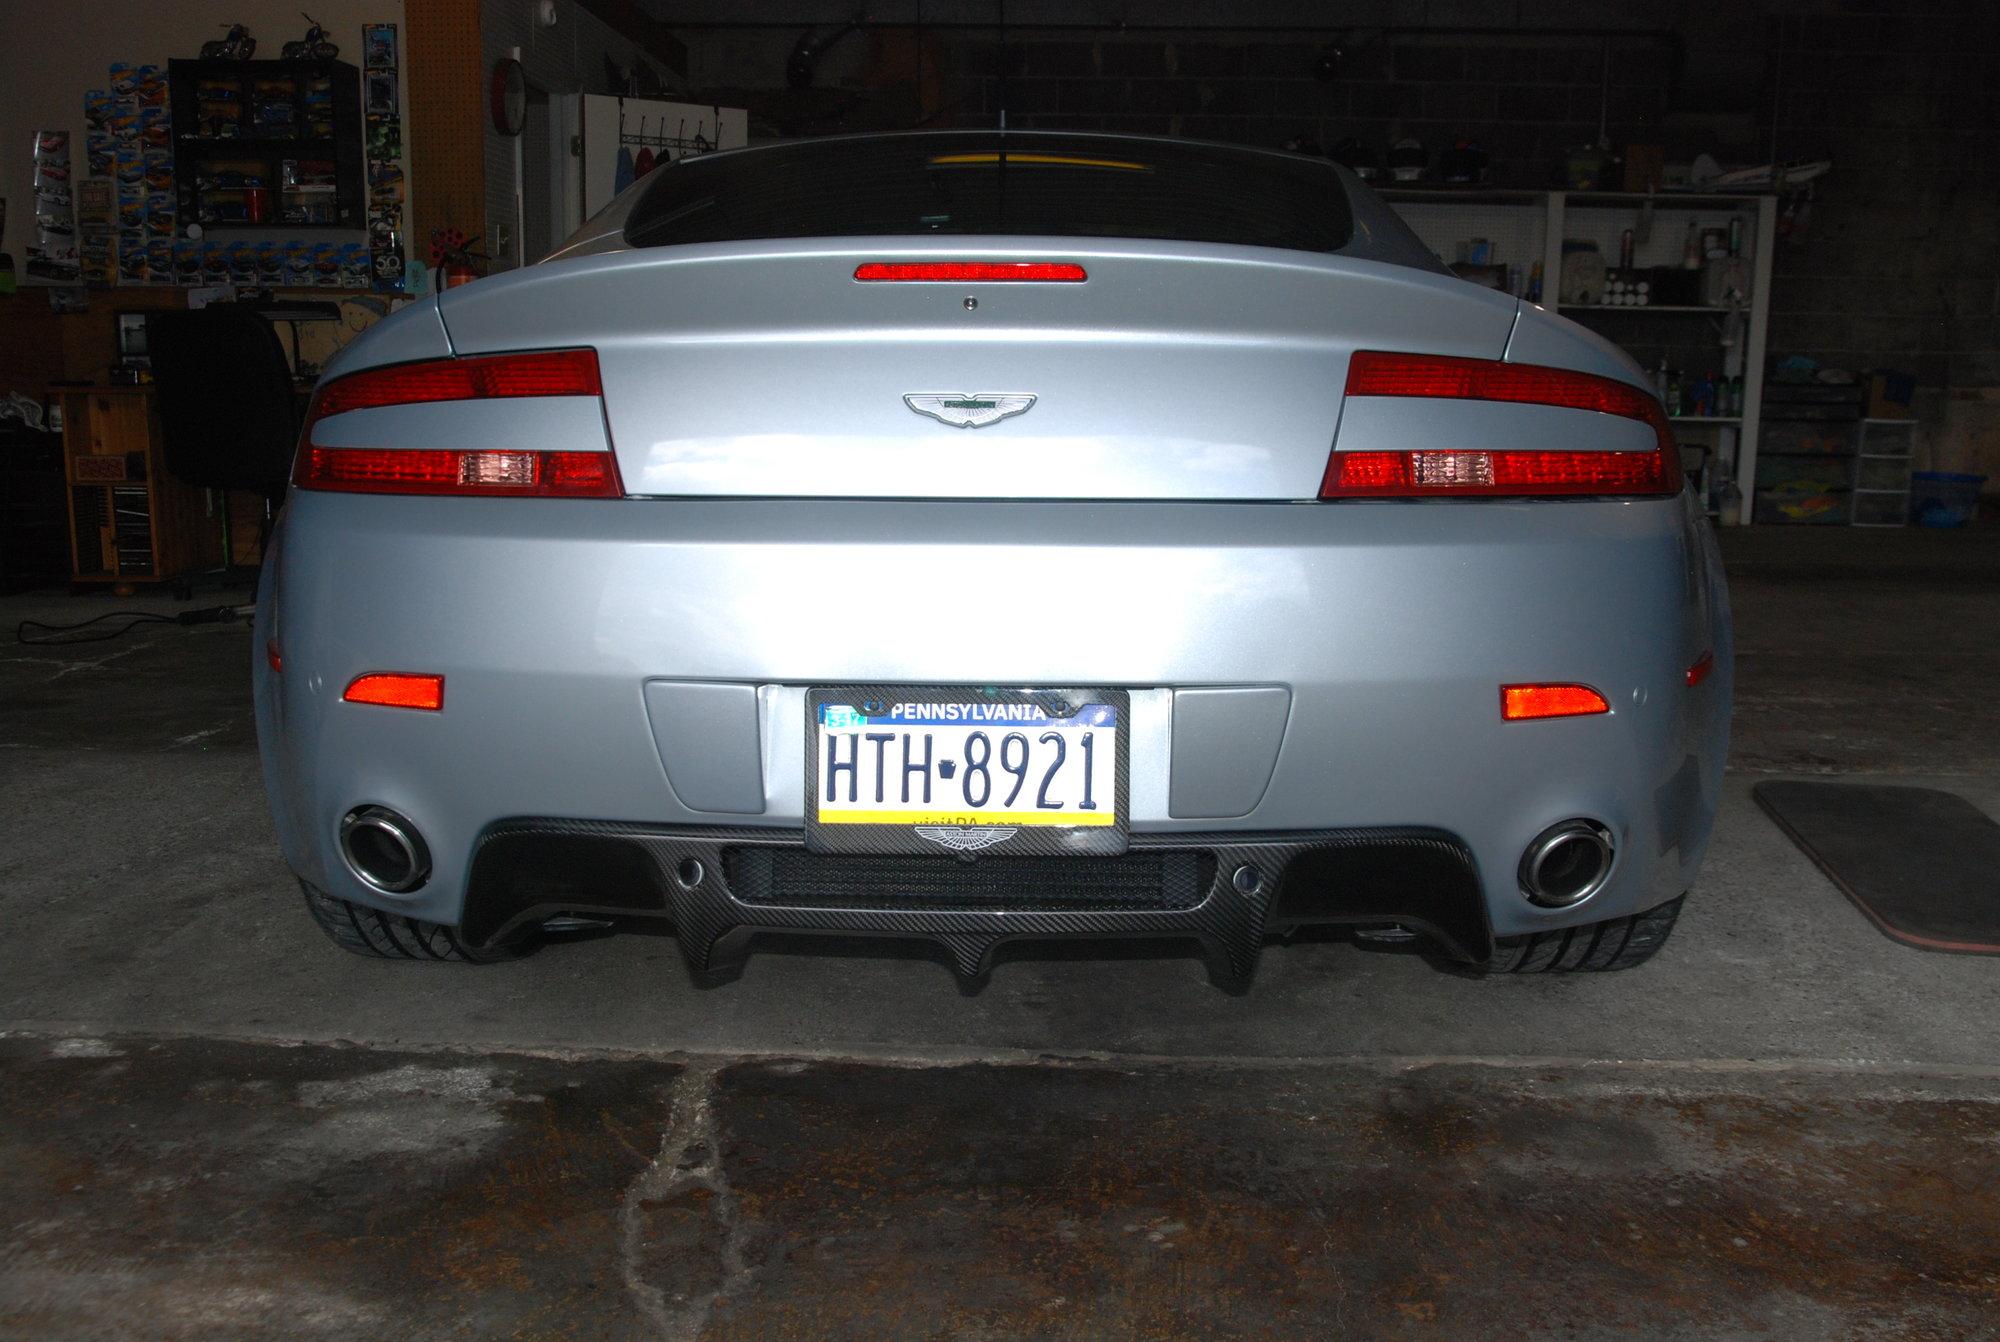 Vantage V8 Carbon Fiber Rear Diffuser Installation 6speedonline Porsche Forum And Luxury Car Resource